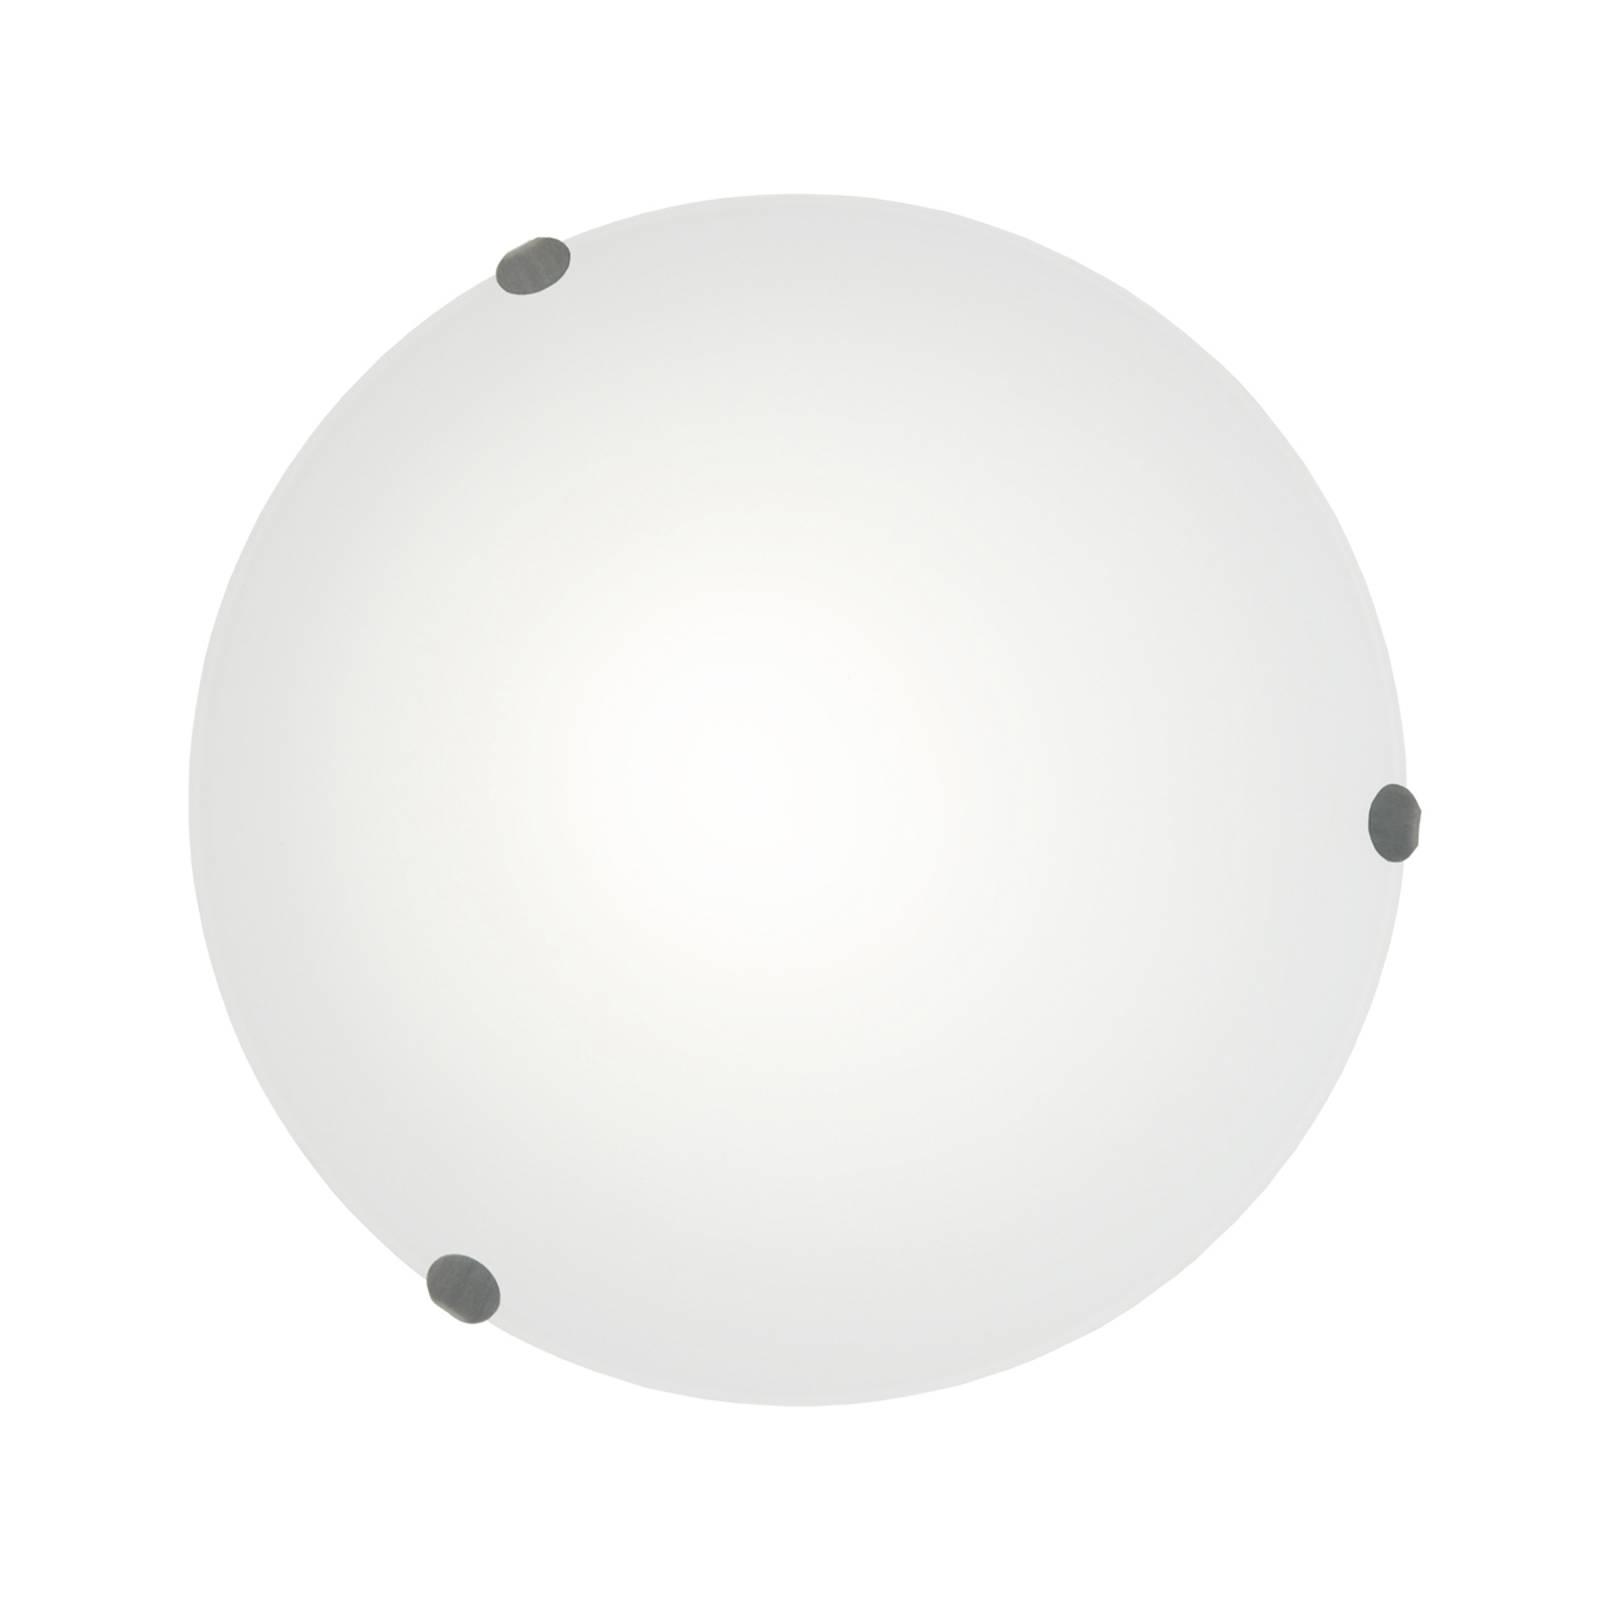 Casablanca Ilaia - pyöreä LED-kattovalaisin 15 cm